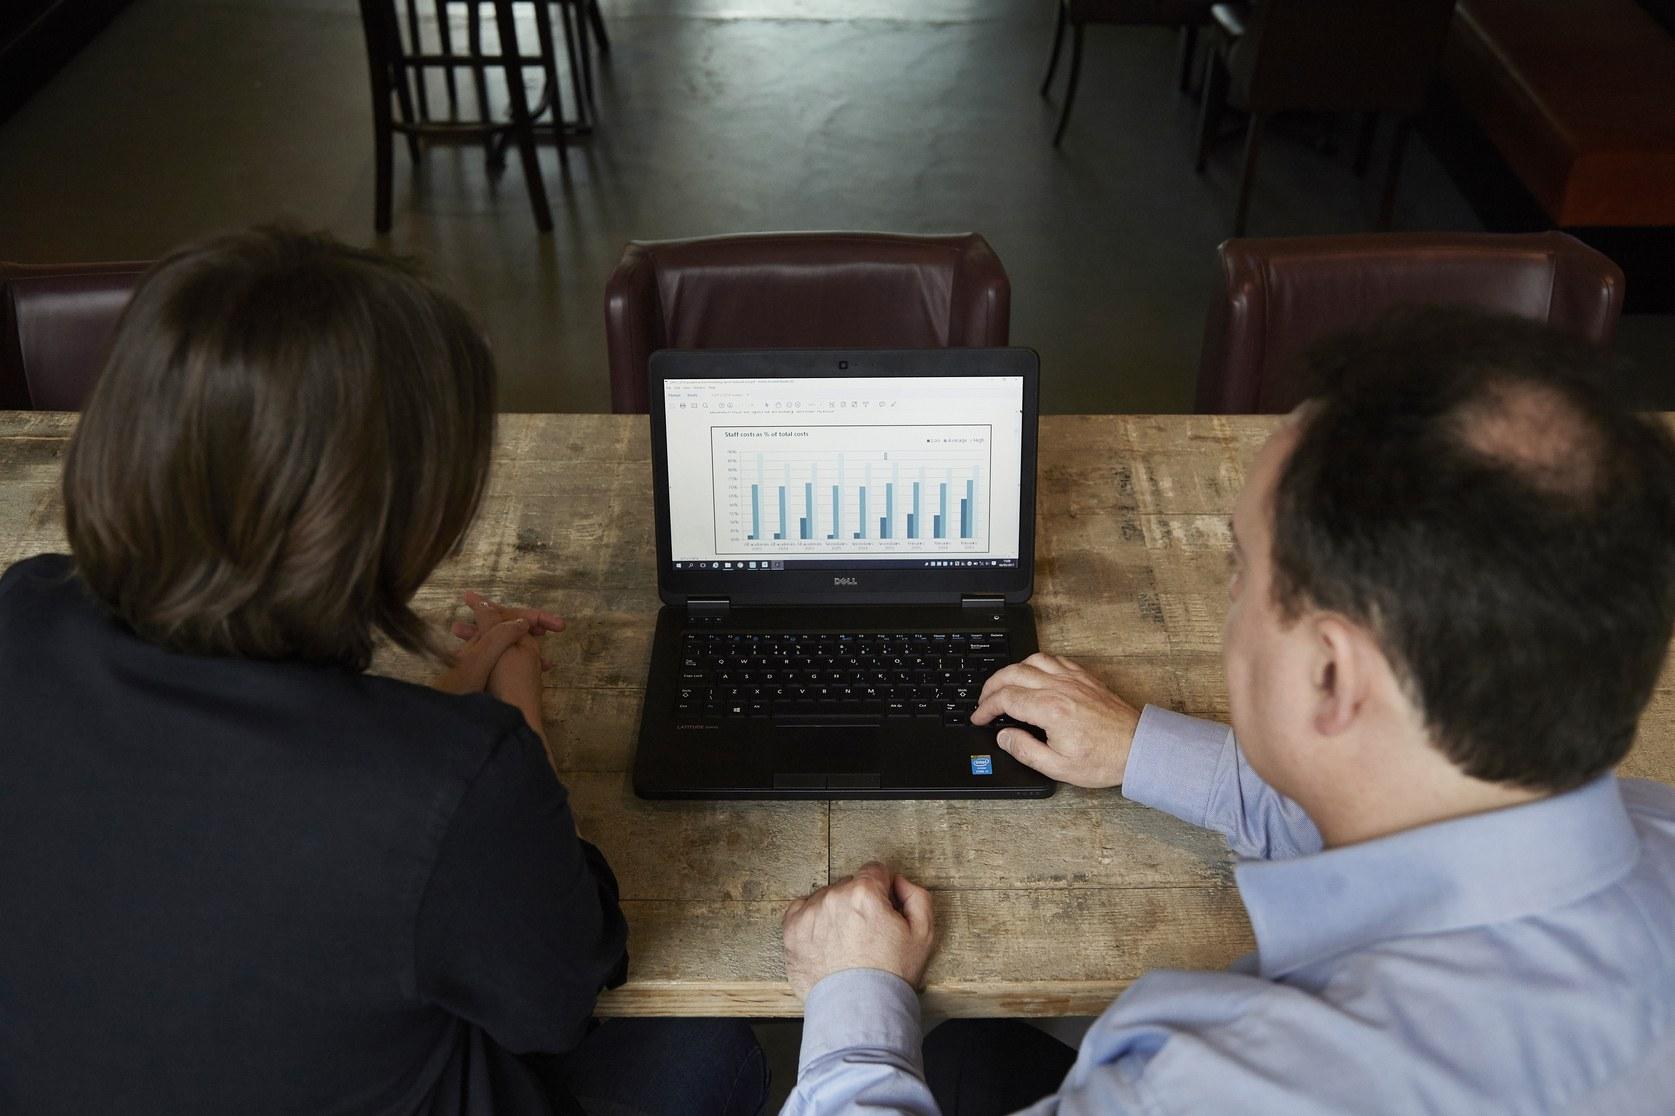 7-aspectos-que-debes-planificar-para-consolidar-el-crecimiento-de-la-empresa